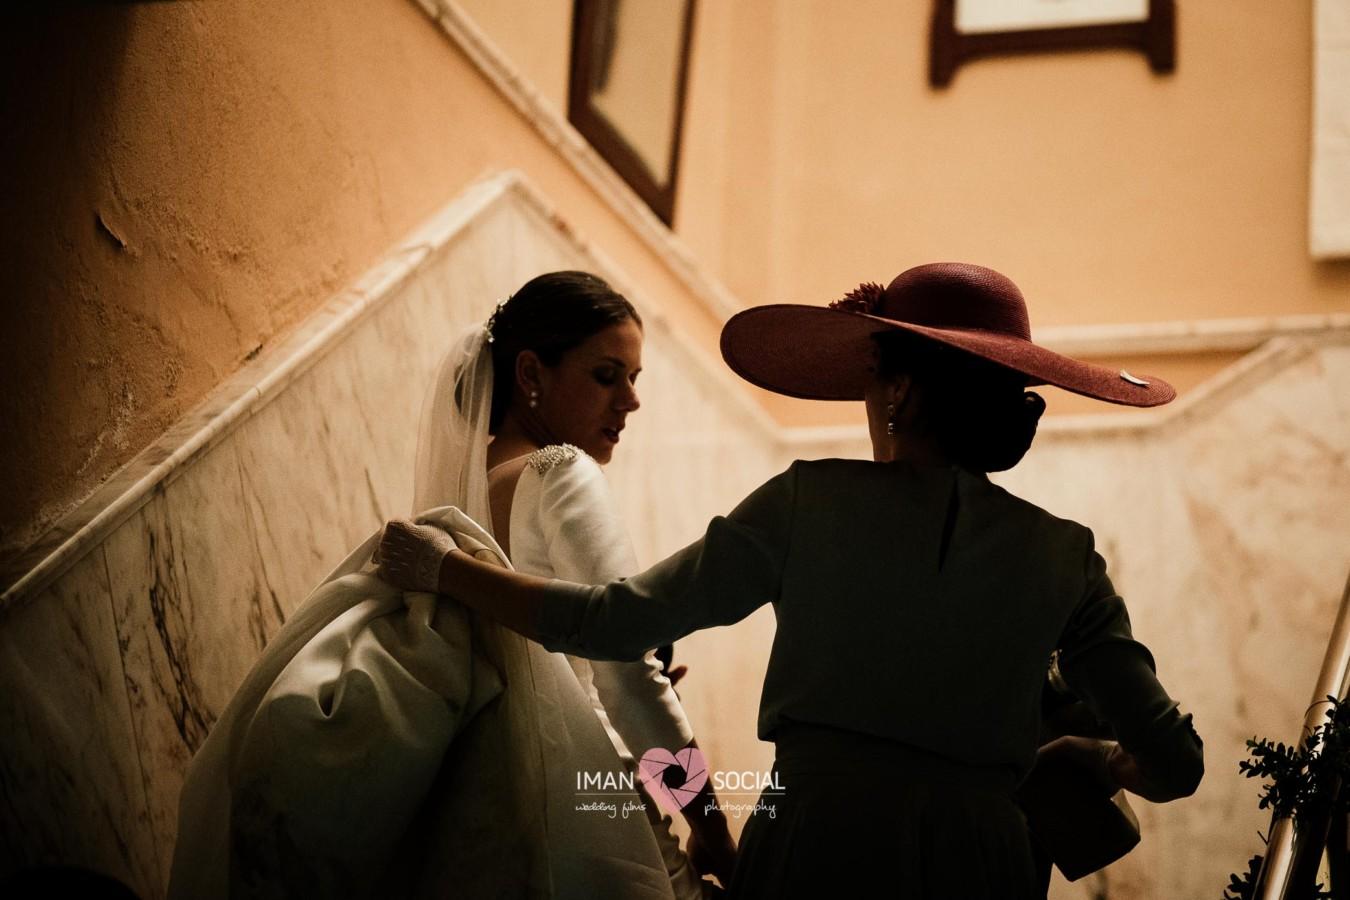 fotografo-de-boda-en-cordoba-sevilla-posadas-boda-auxi-y-antonio-32 Auxi & Antonio, primera boda de la temporada - video boda cordoba